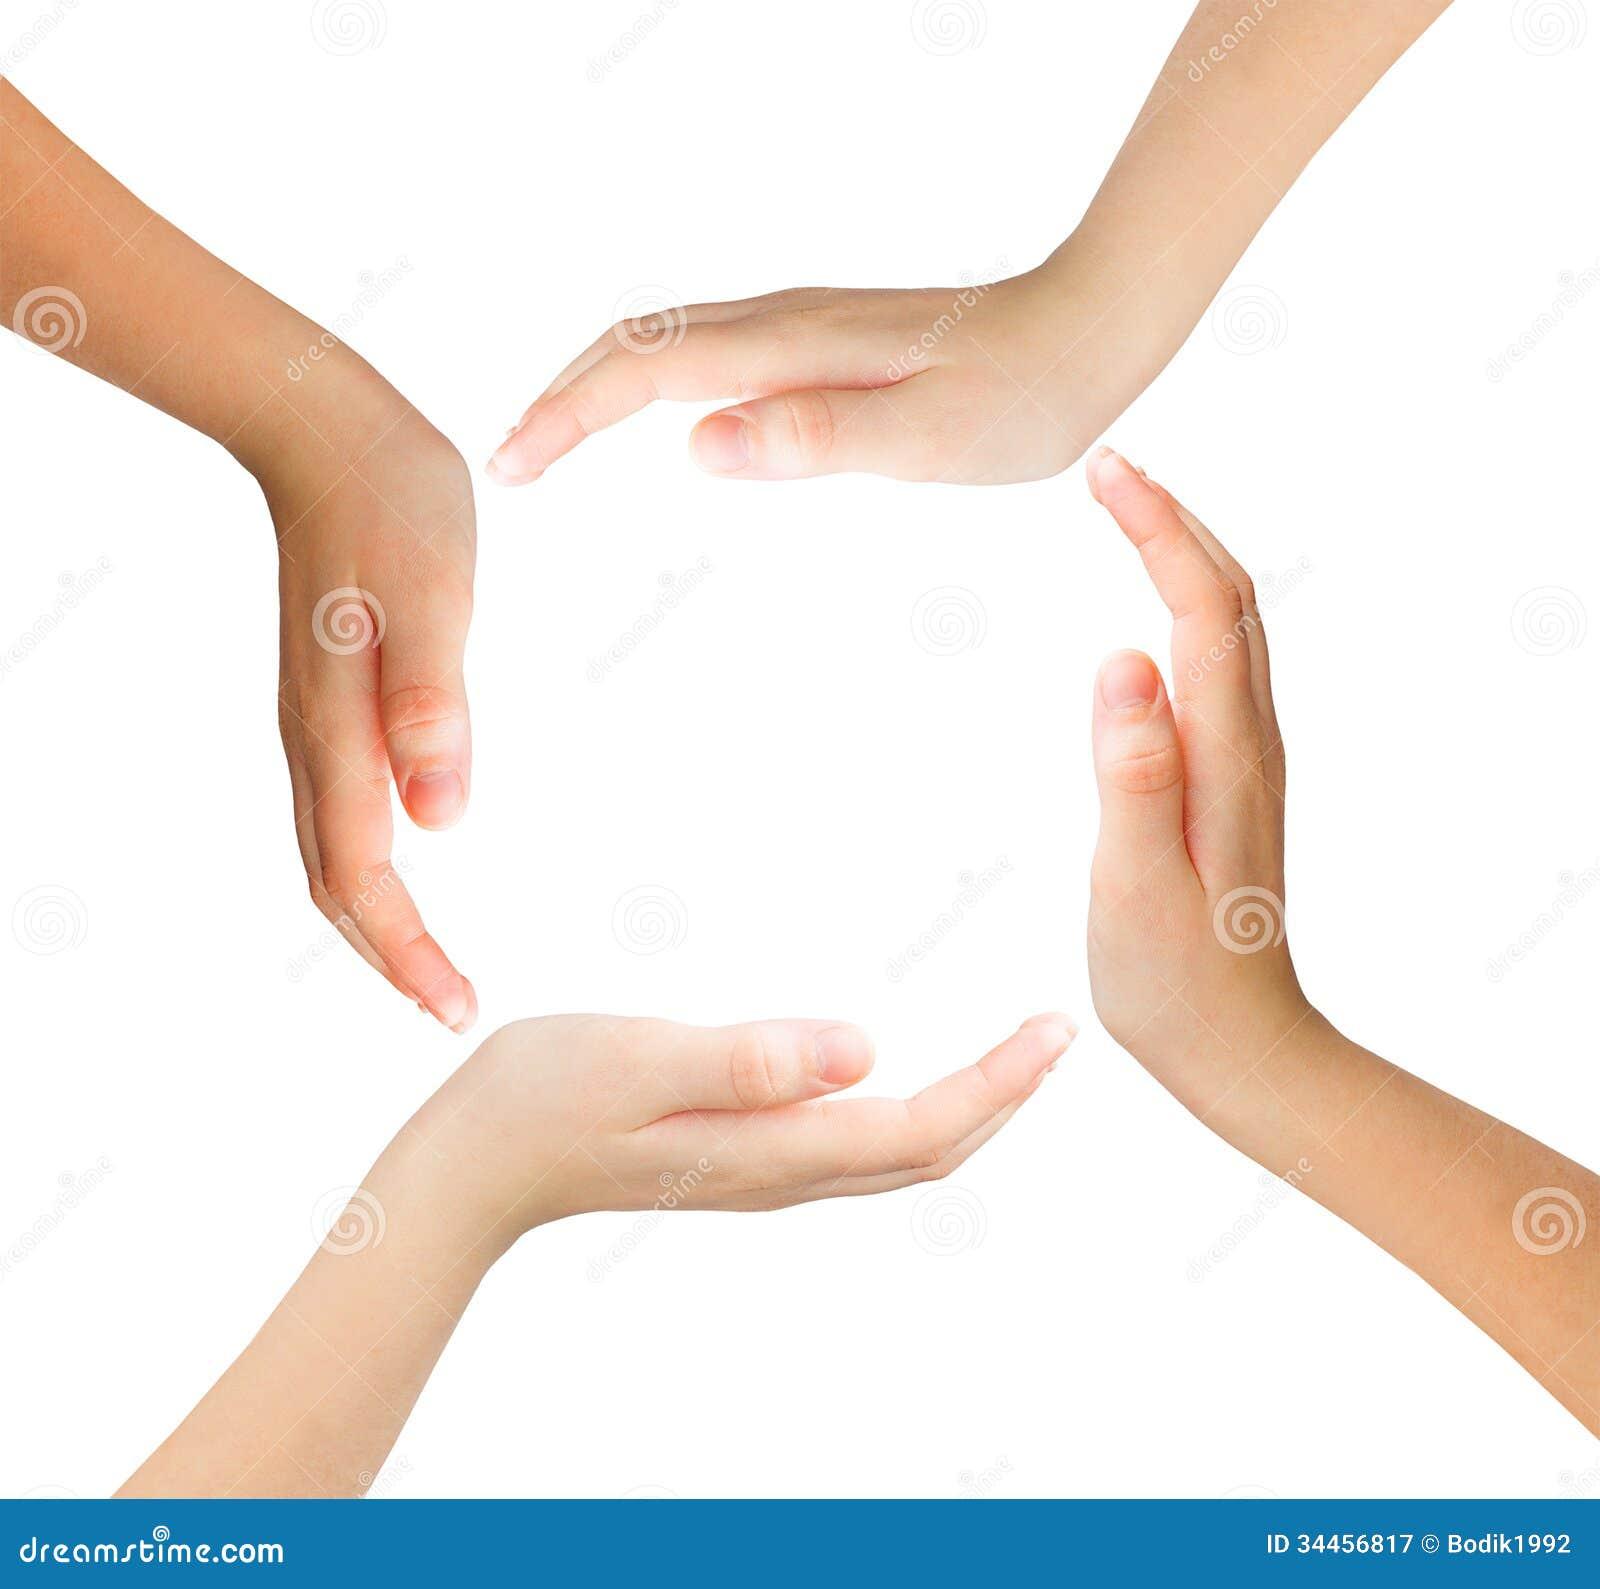 Conceptueel symbool van multiraciale menselijke handen die een cirkel maken